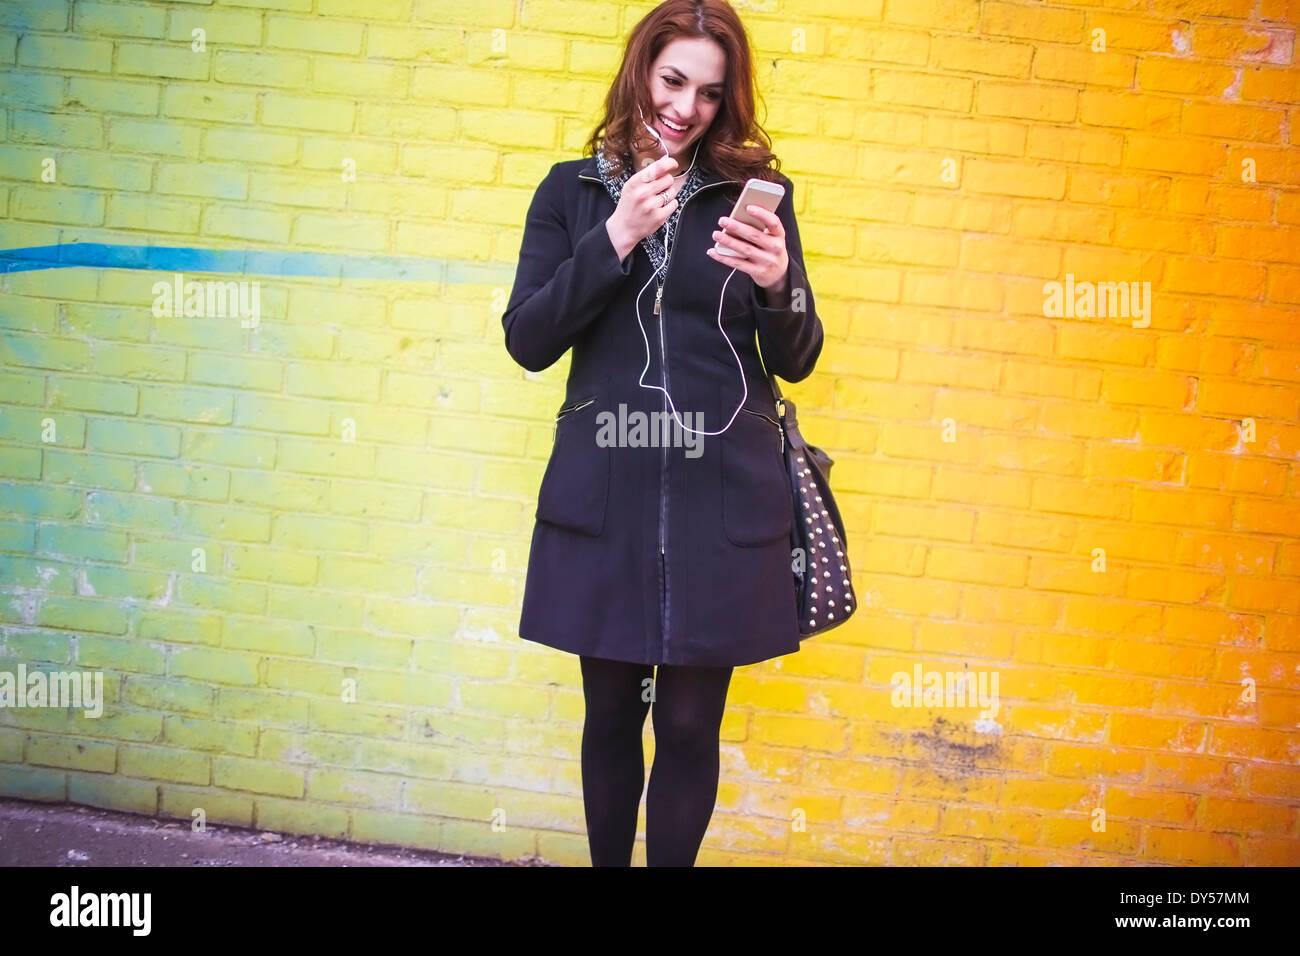 Mujer joven elegir música en las calles de la ciudad Imagen De Stock